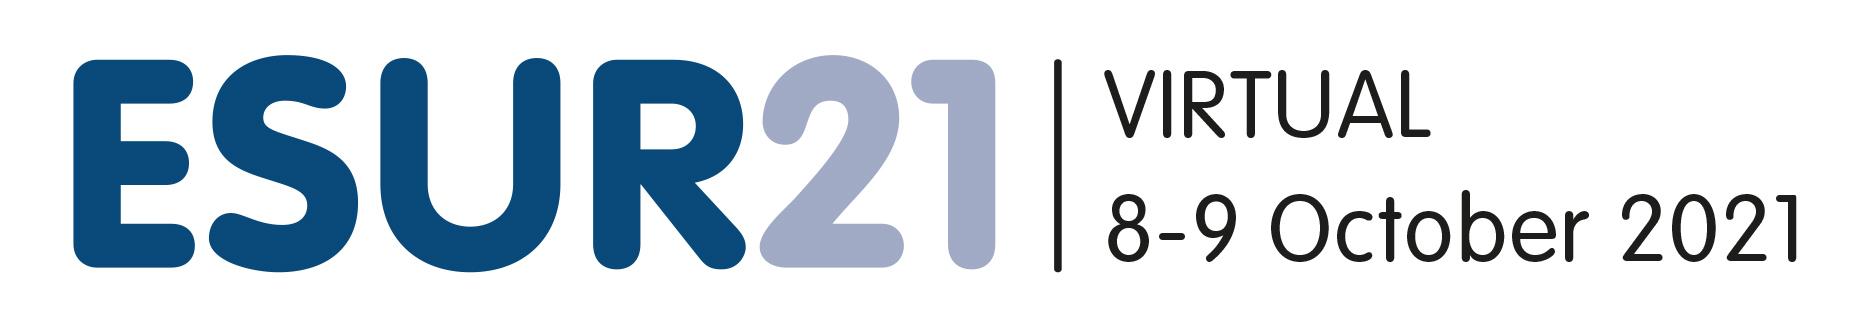 ESUR21